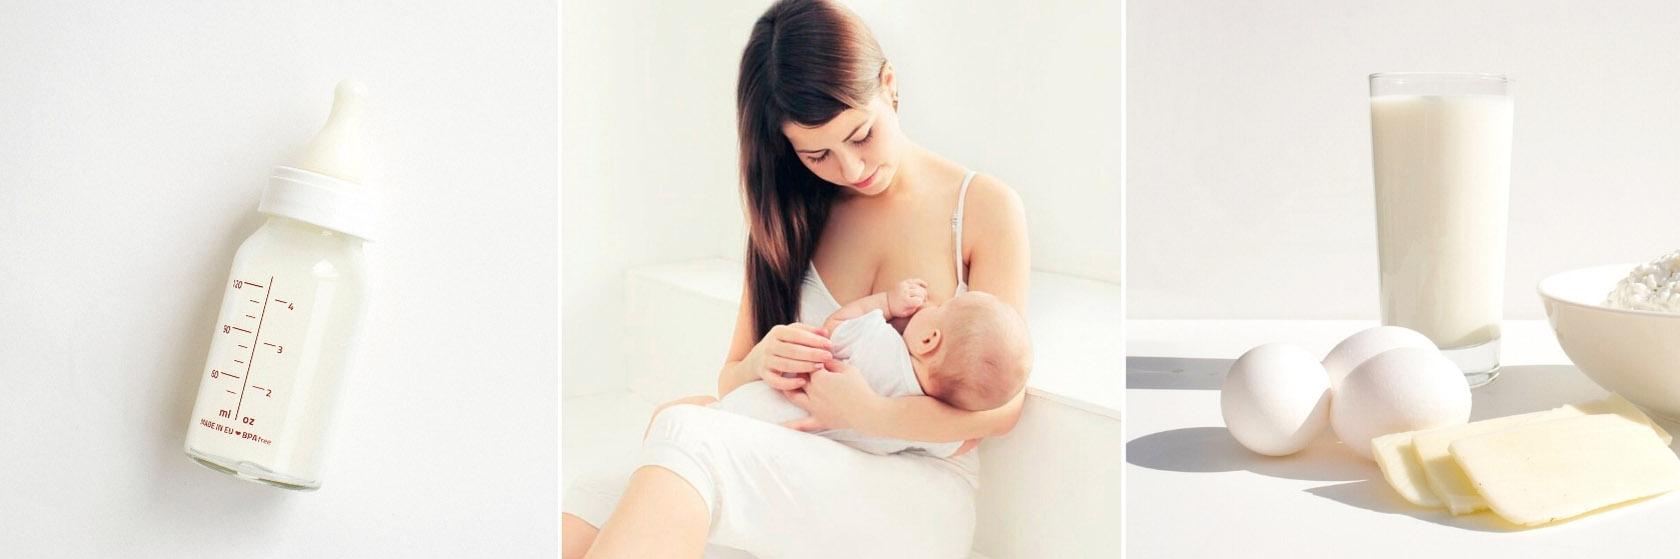 Диета кормящей мамы при аллергии на белок коровьего молока у ребенка